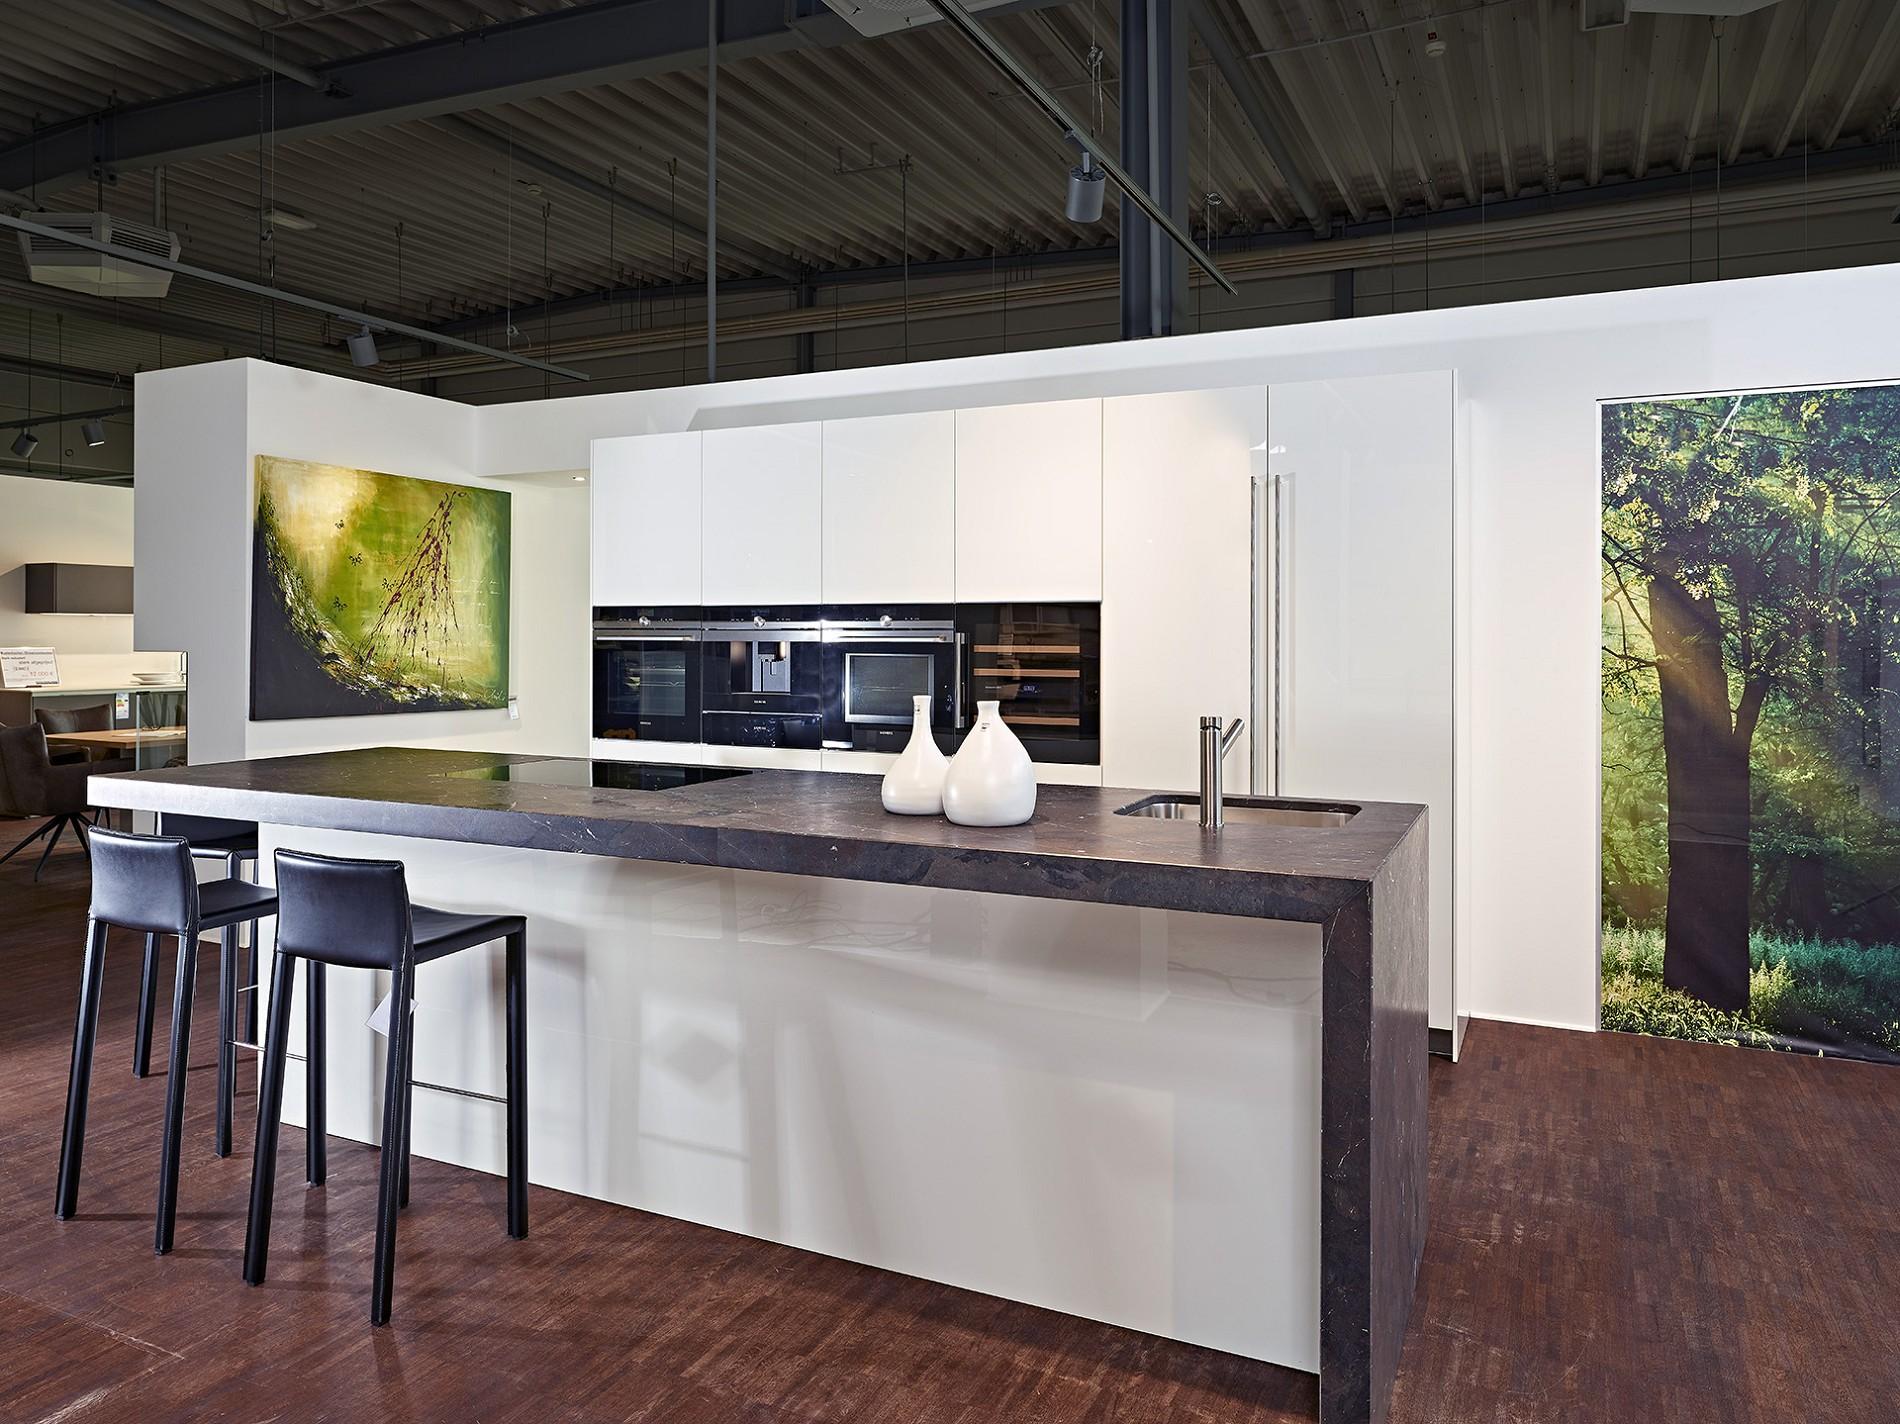 Full Size of Baslimline Inselkche Mit Besonderer Granit Arbeitsplatte Koje Granitplatten Küche Sideboard Arbeitsplatten Wohnzimmer Granit Arbeitsplatte